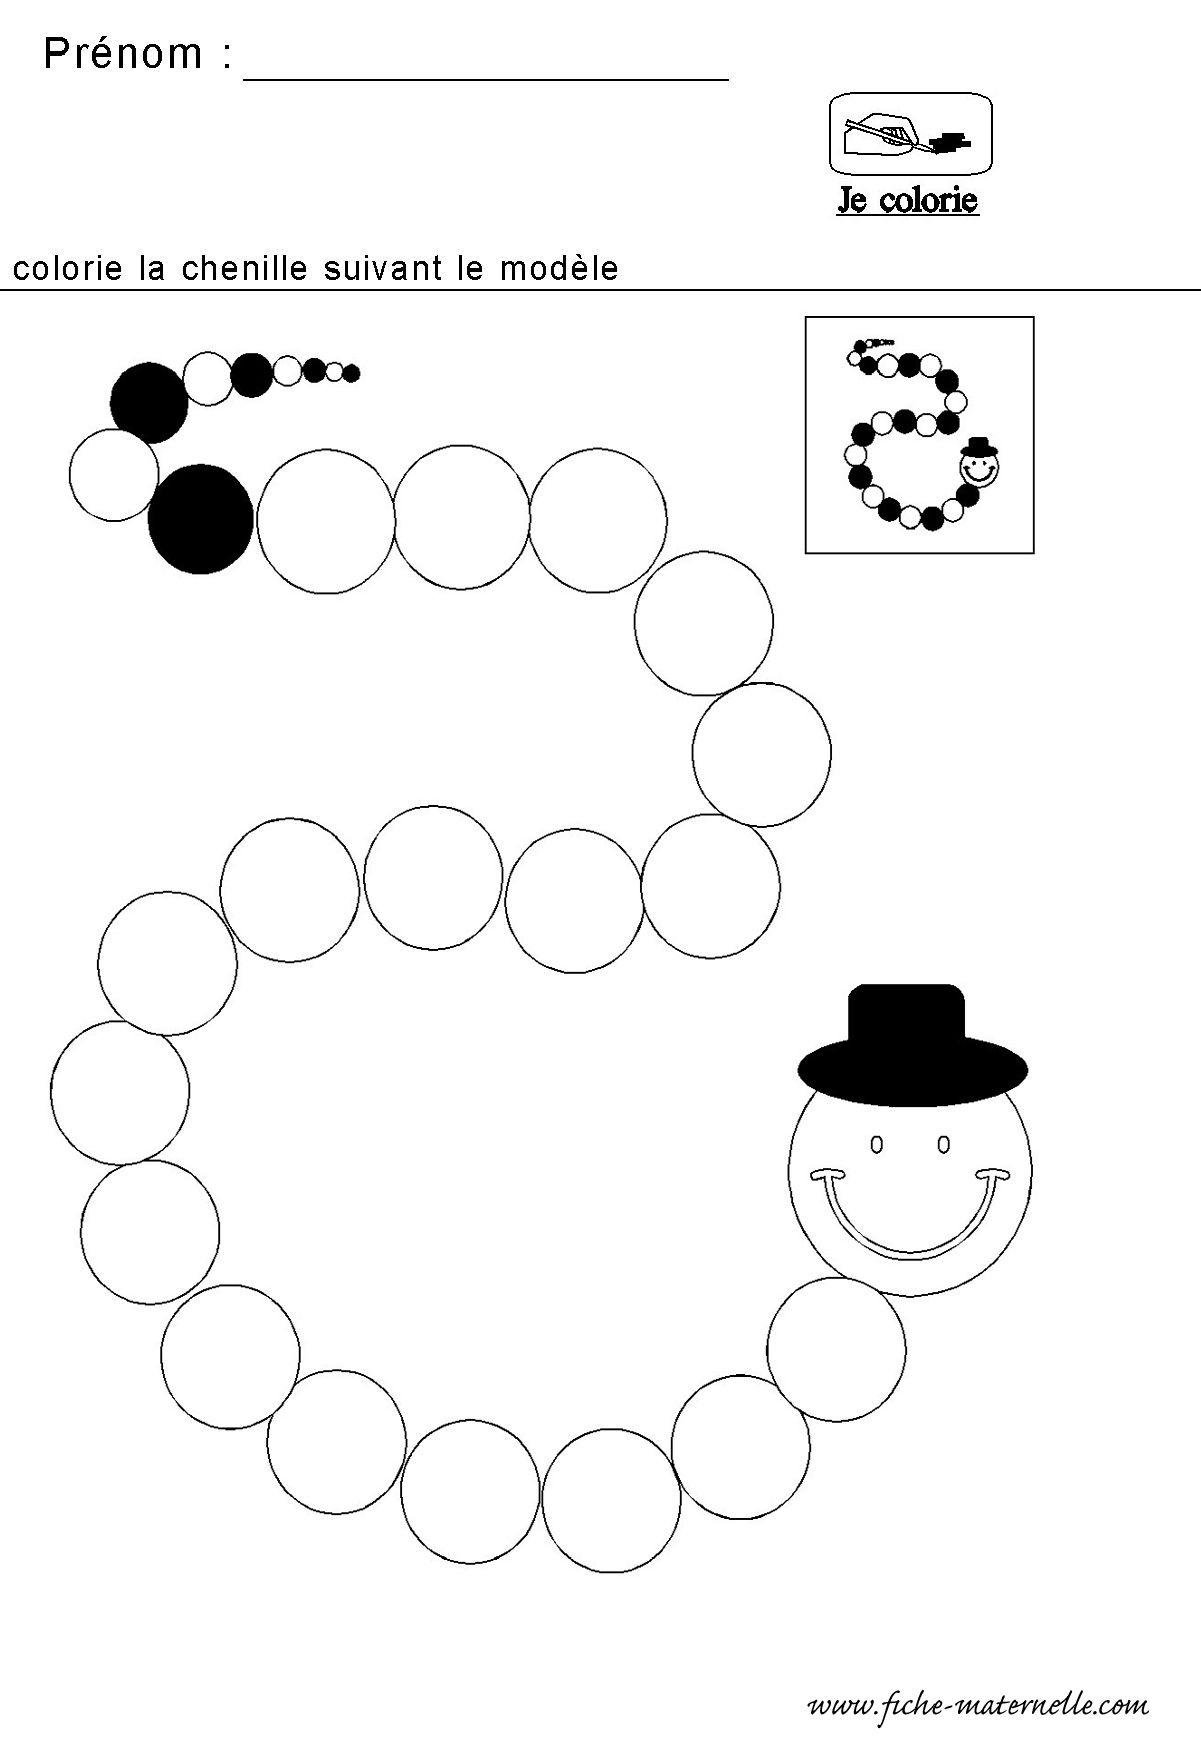 Mathematiques Maternelle Algorithme De La Chenille à Exercices Moyenne Section Maternelle Pdf